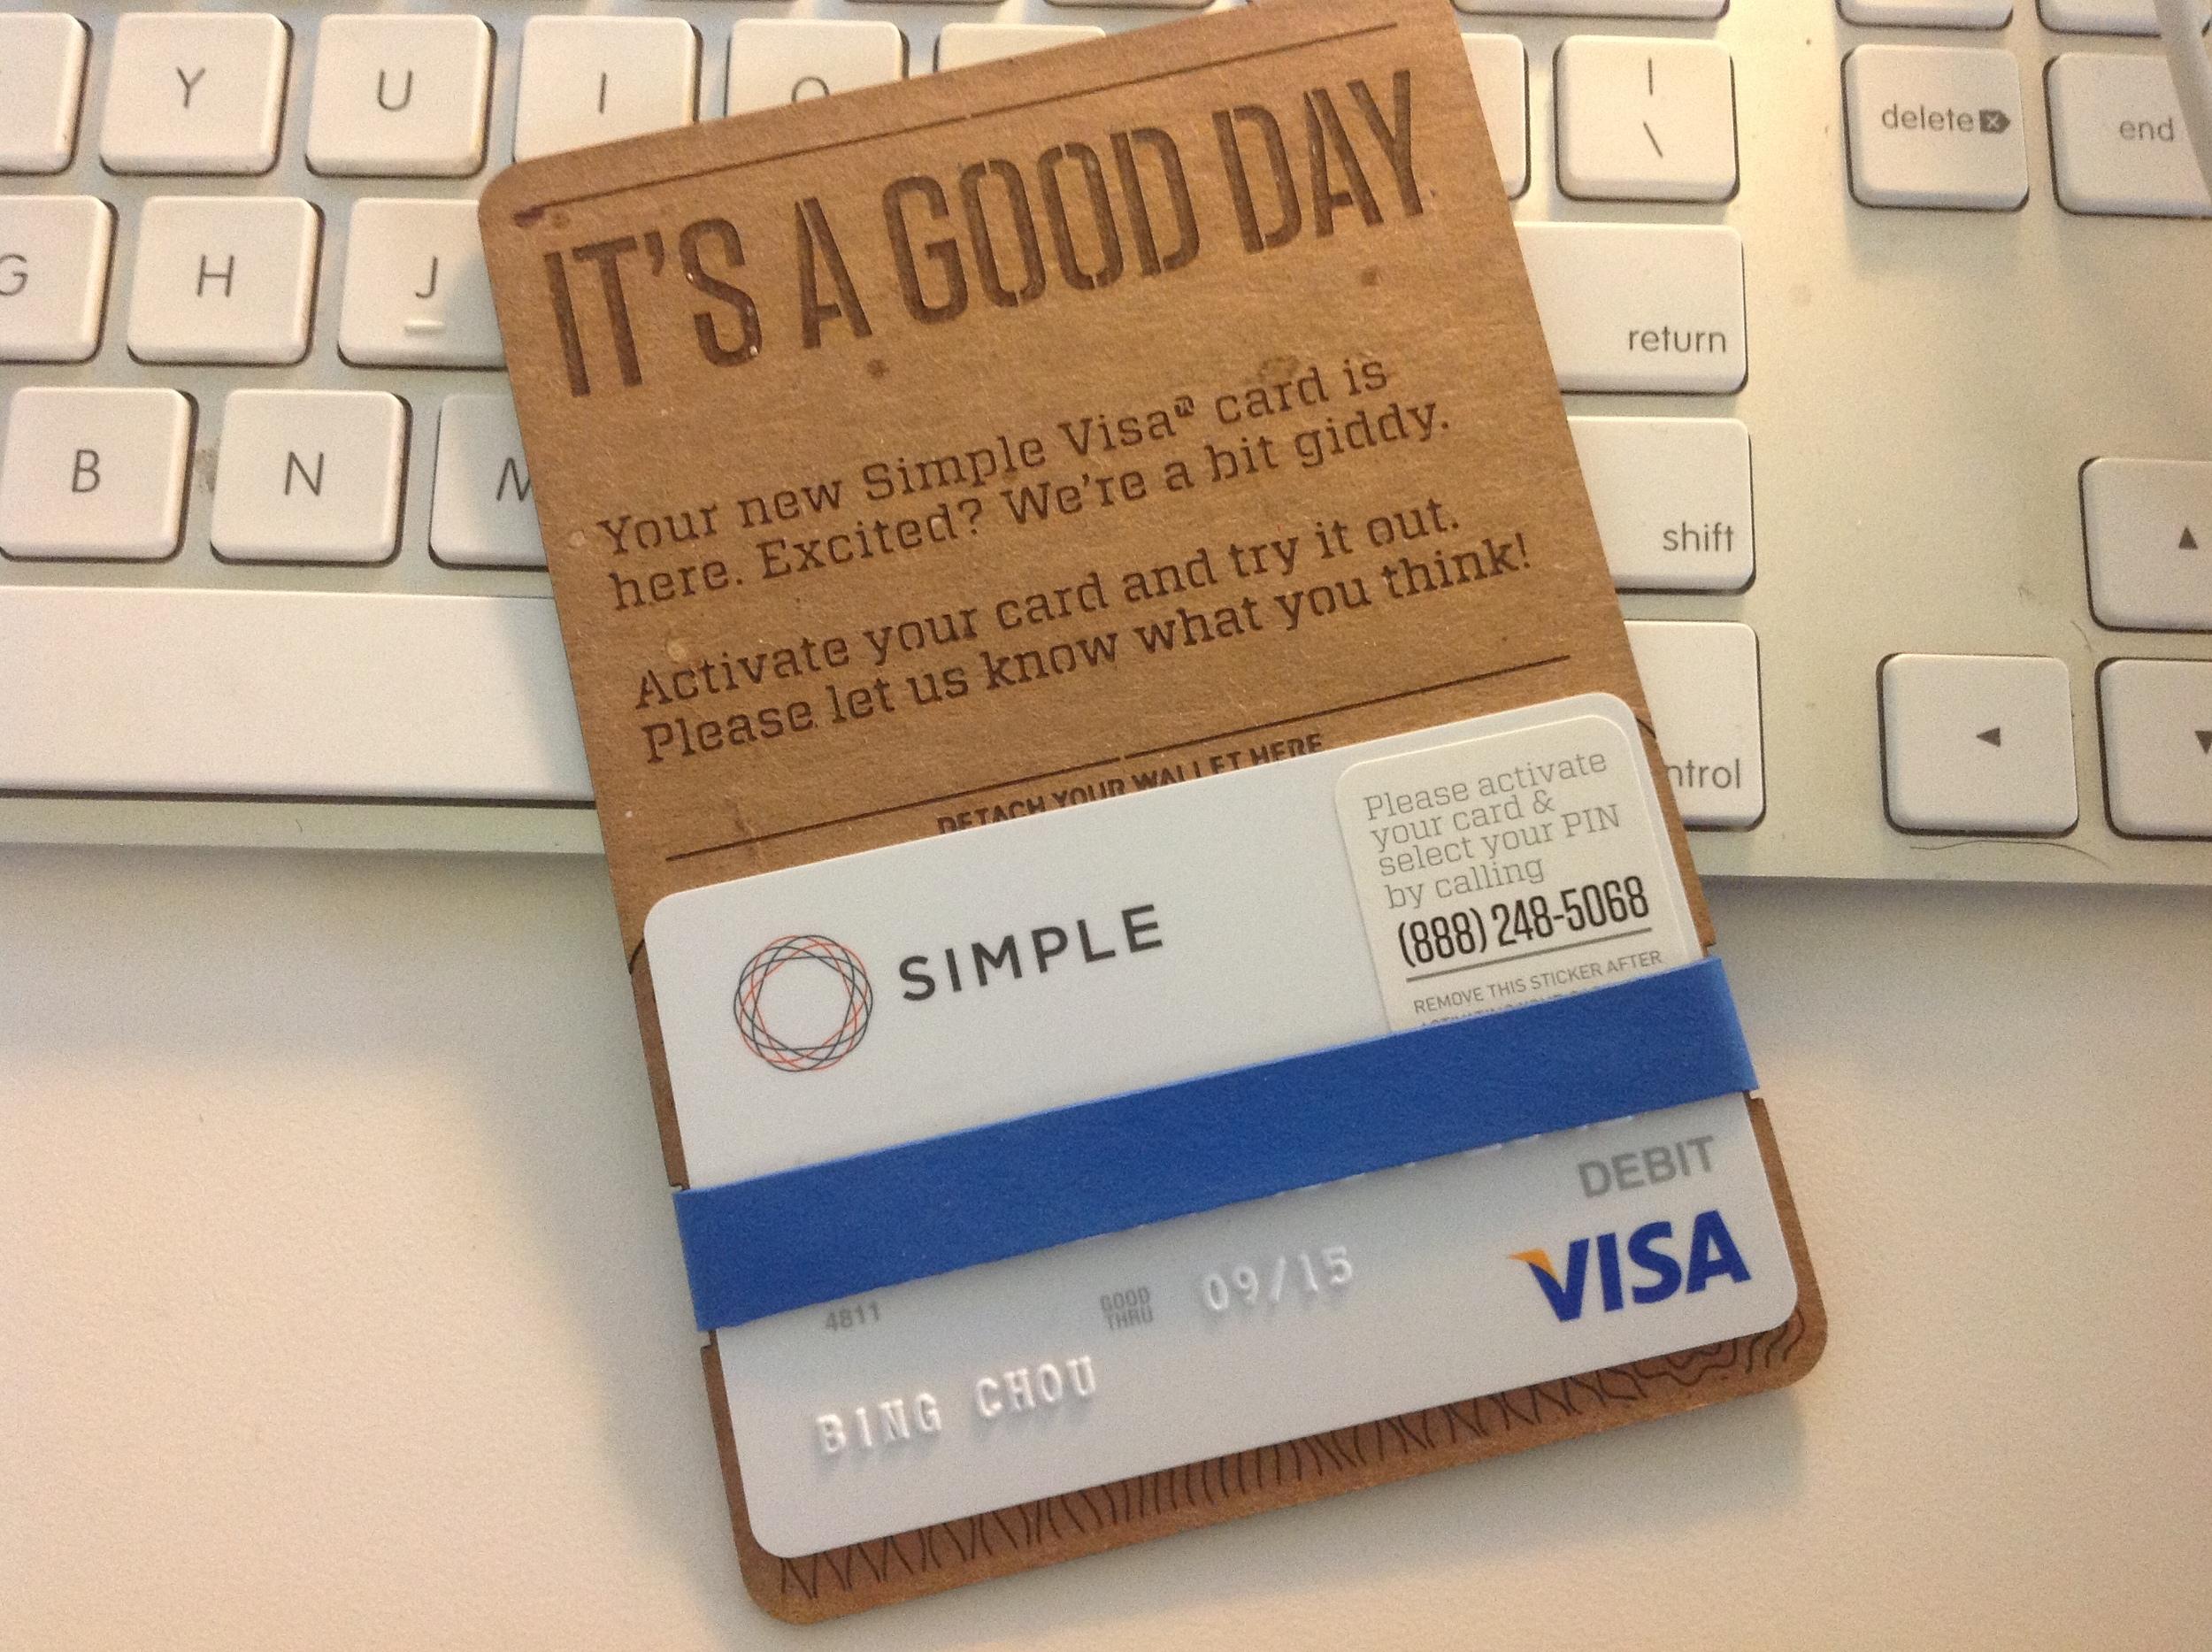 new_simple_visa.jpeg